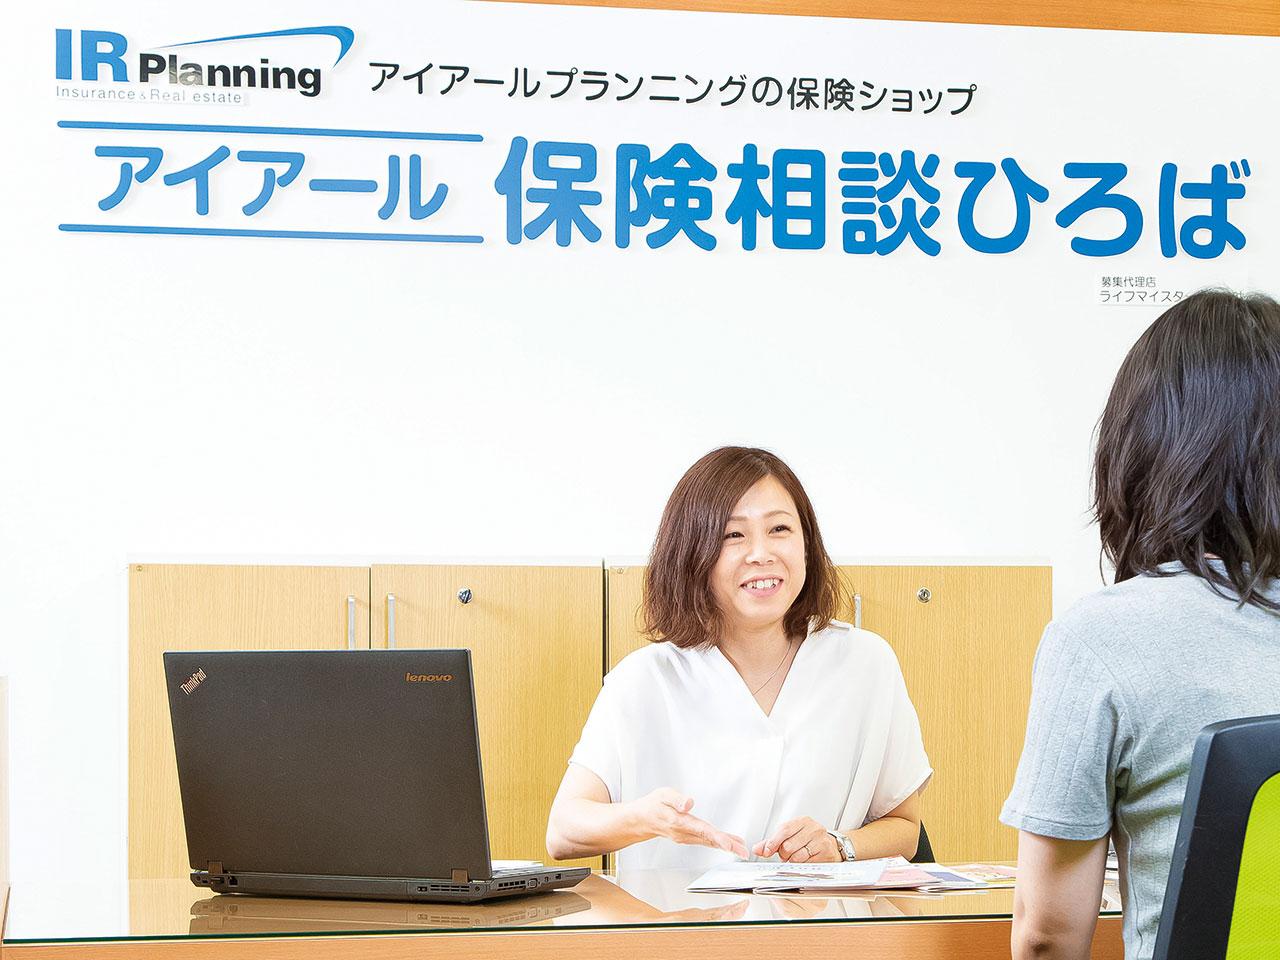 「今週の新着情報! ニュース/イベント/トピックス...etc」